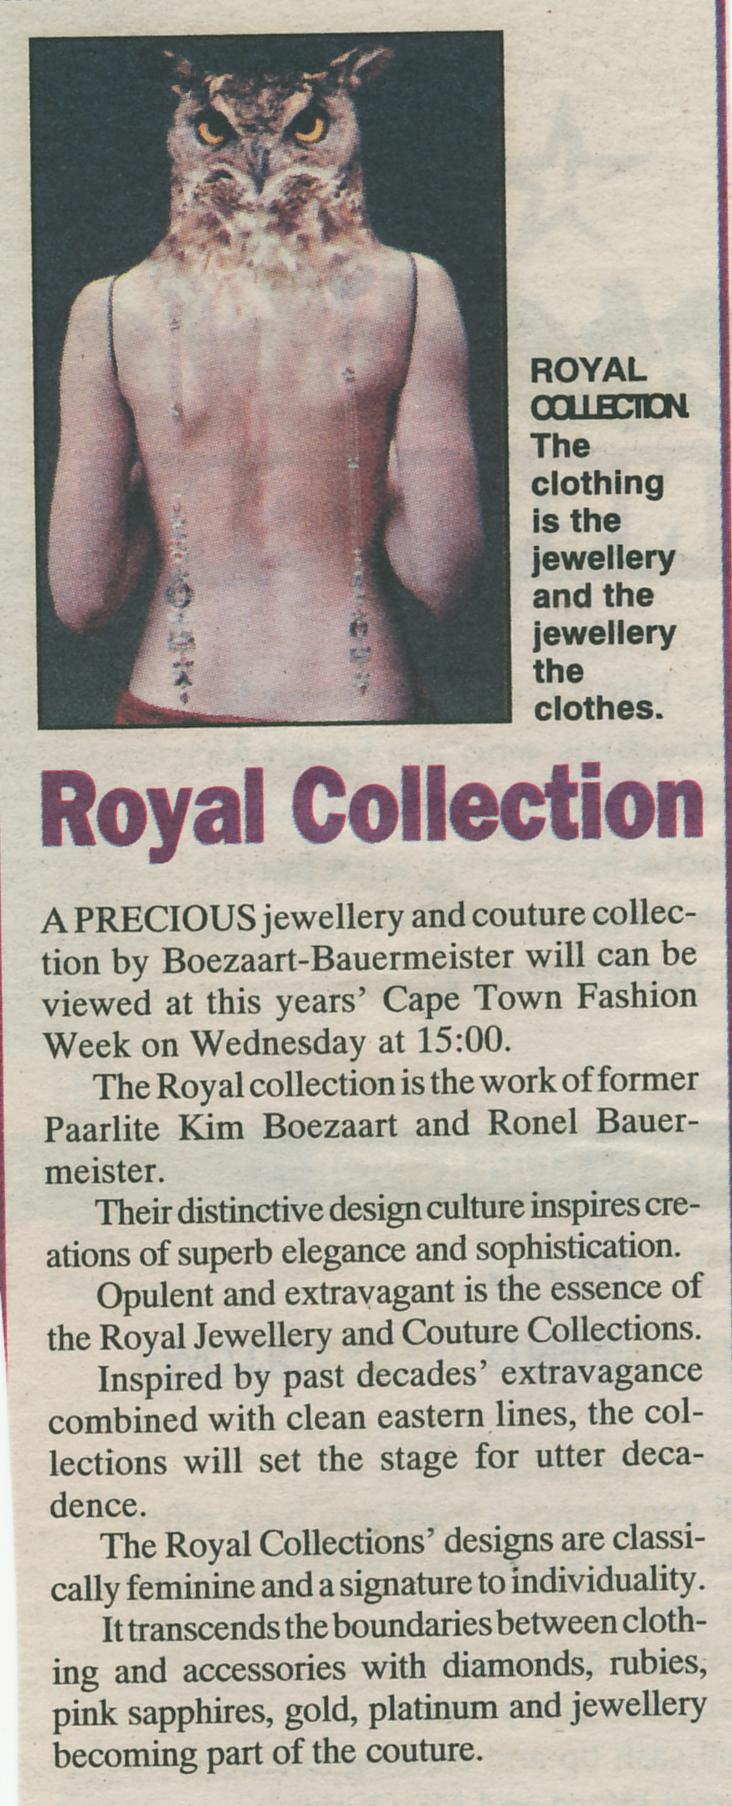 2005 Royal Collection.jpg